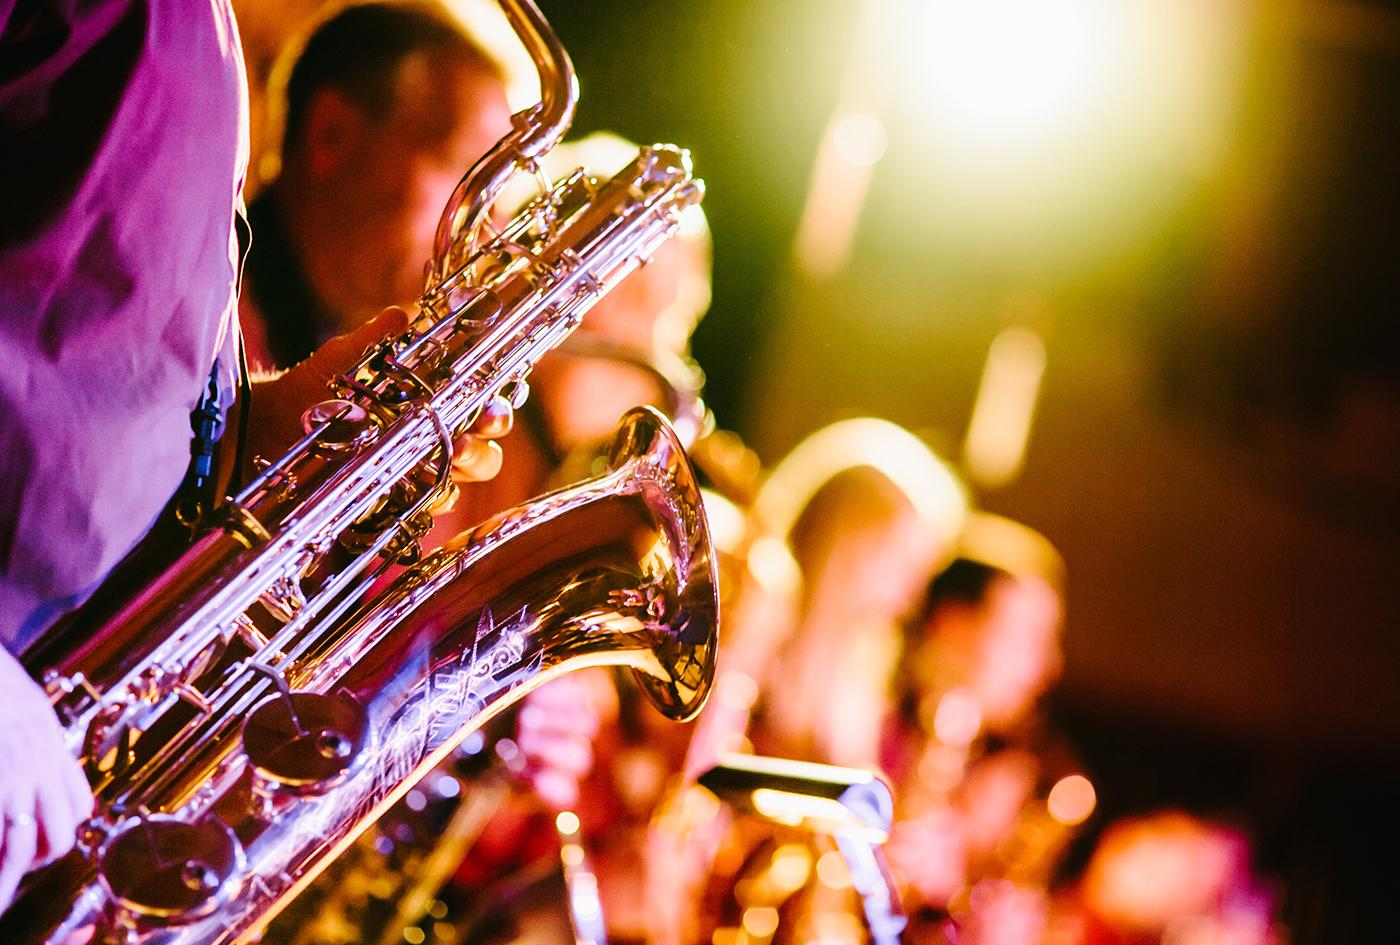 ホーンセクションを構成する各楽器の音域